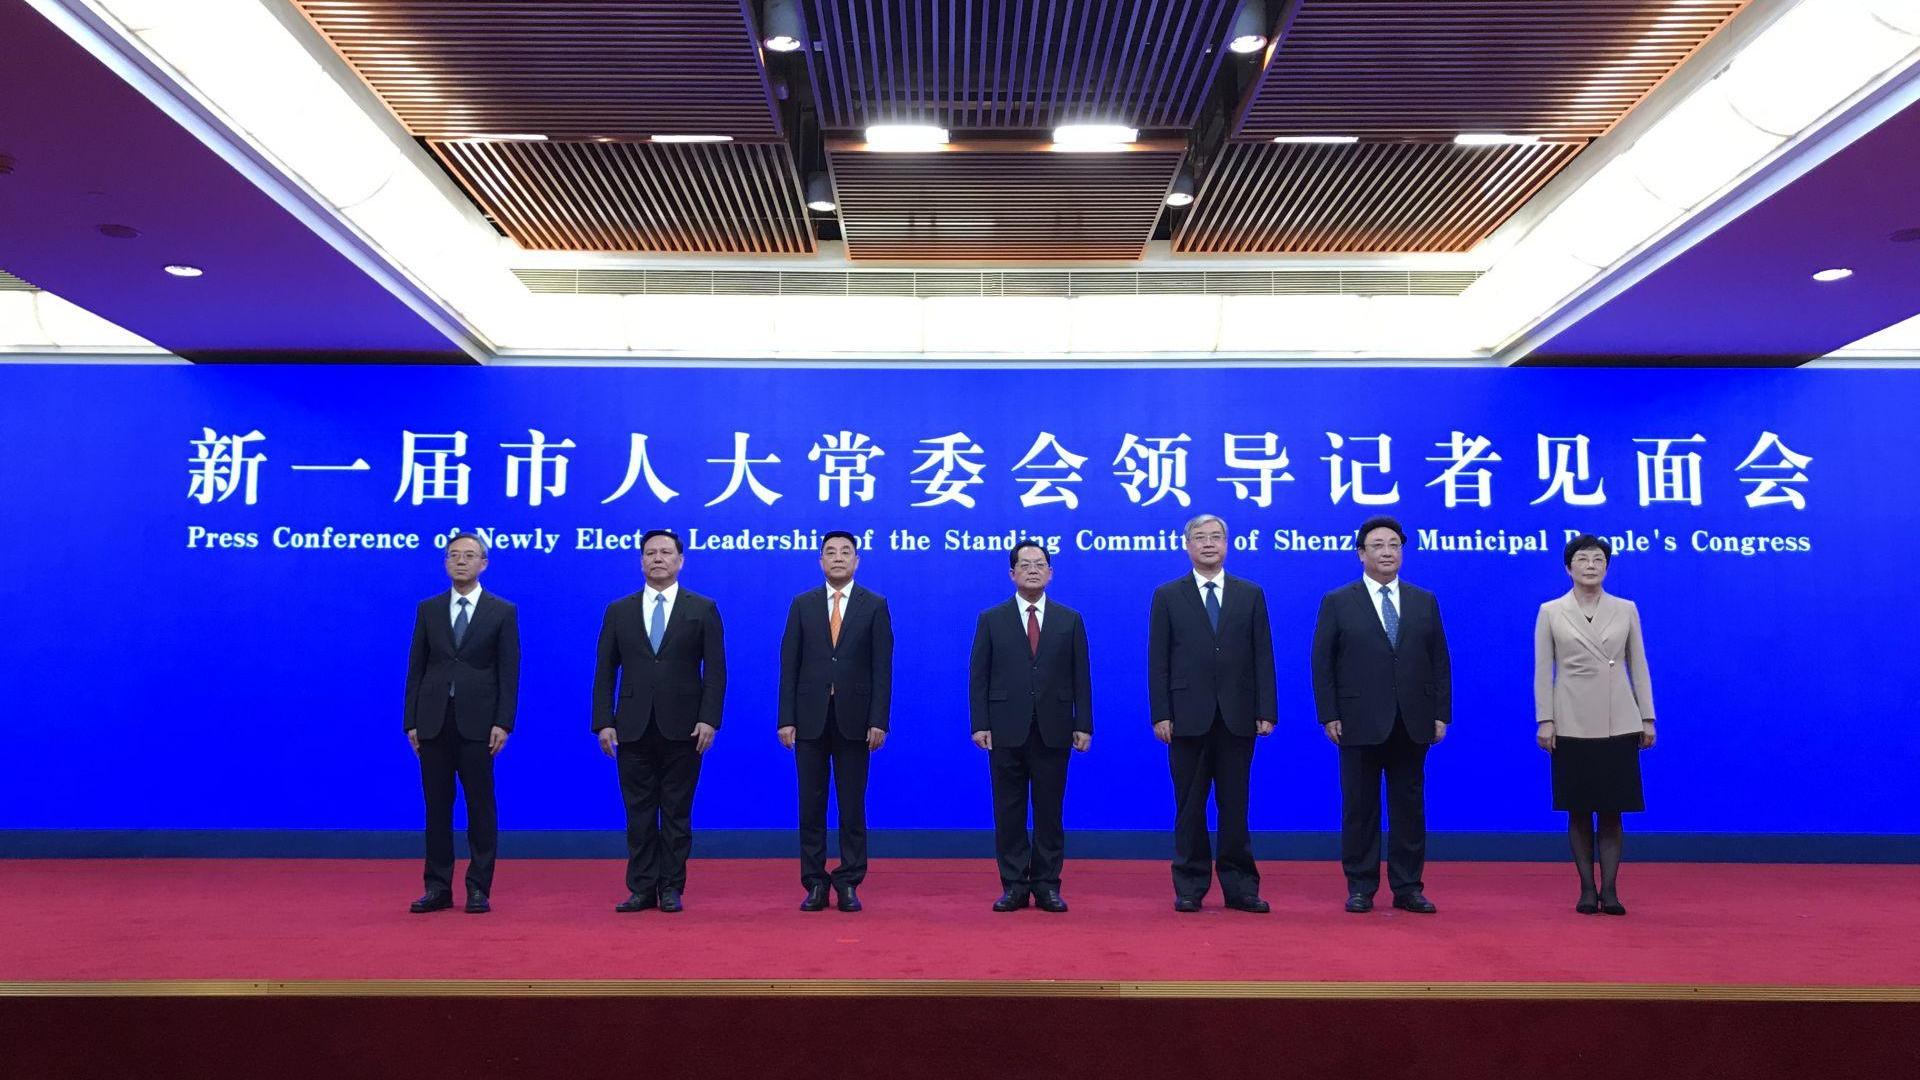 快讯 | 骆文智当选深圳市人大常委会主任